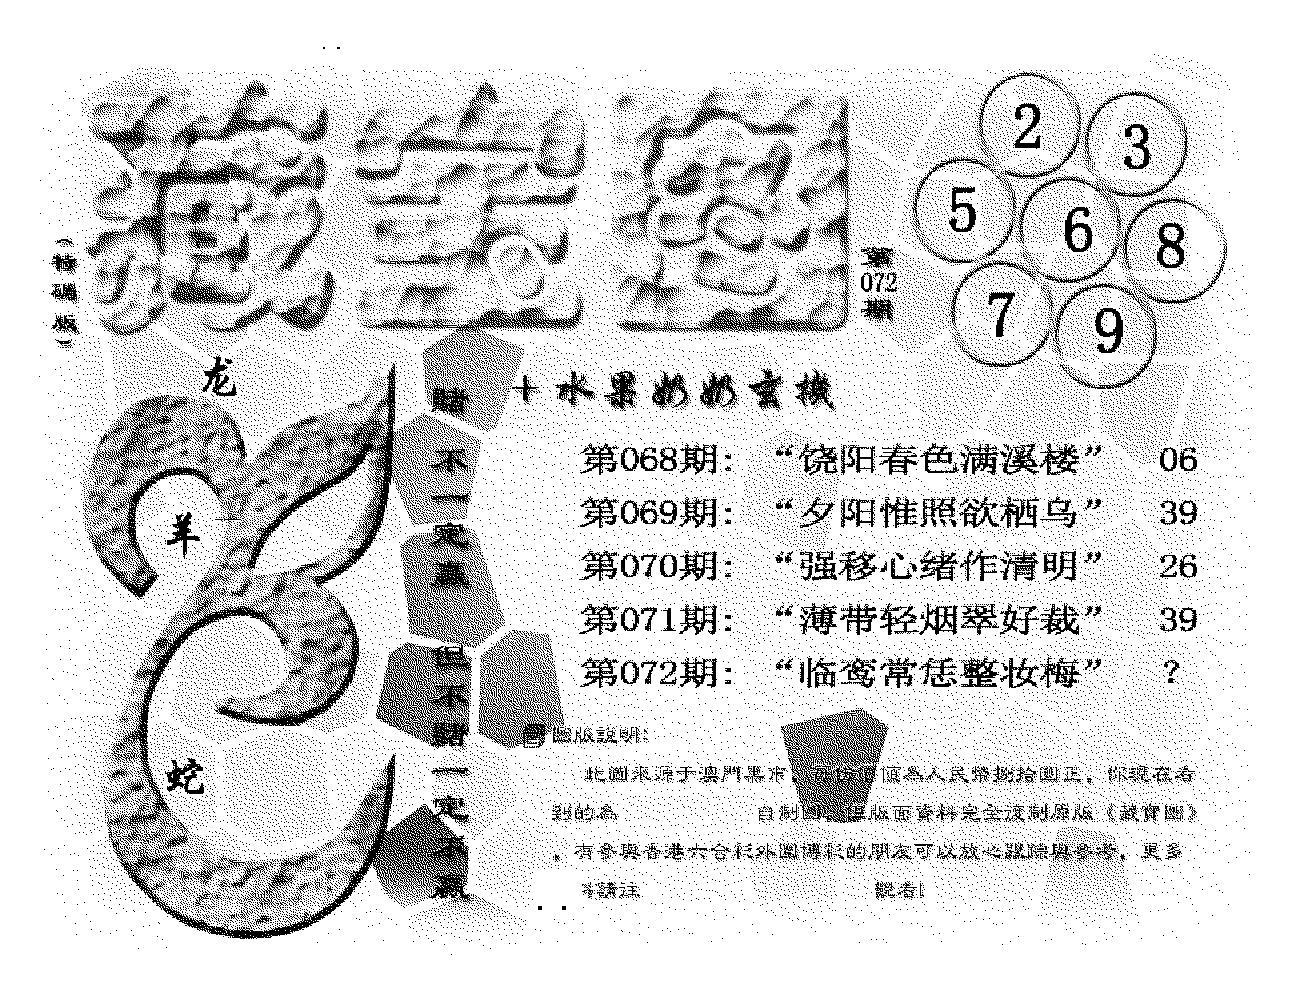 072期(九龙藏宝图)正版(黑白)